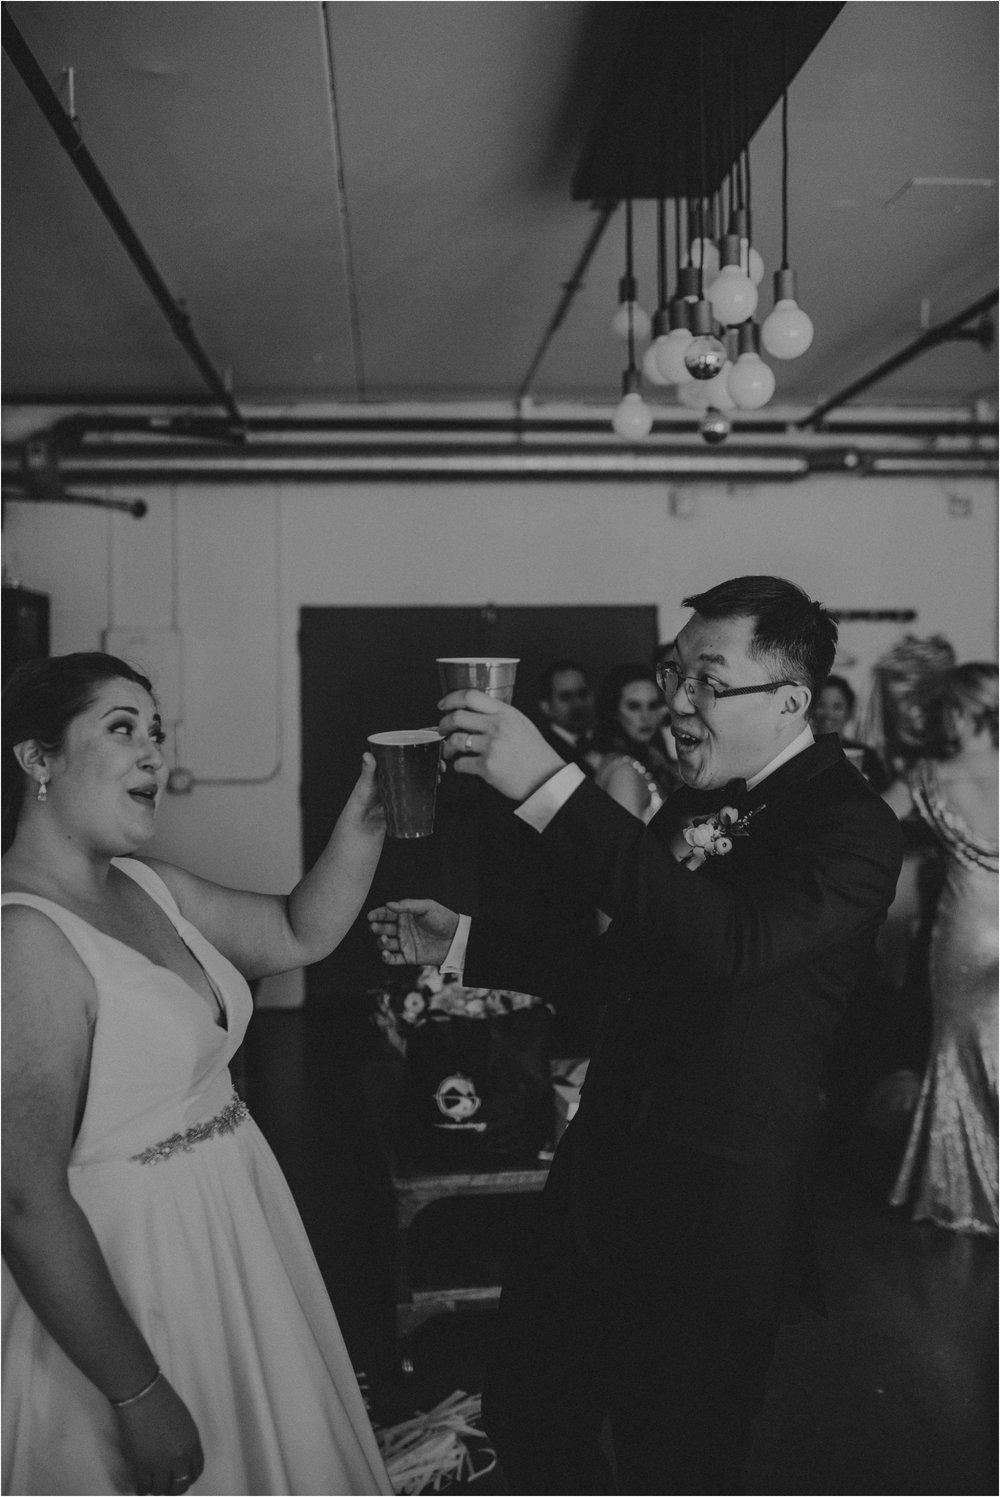 ashley-and-david-fremont-foundry-seattle-washington-wedding-photographer-081.jpg